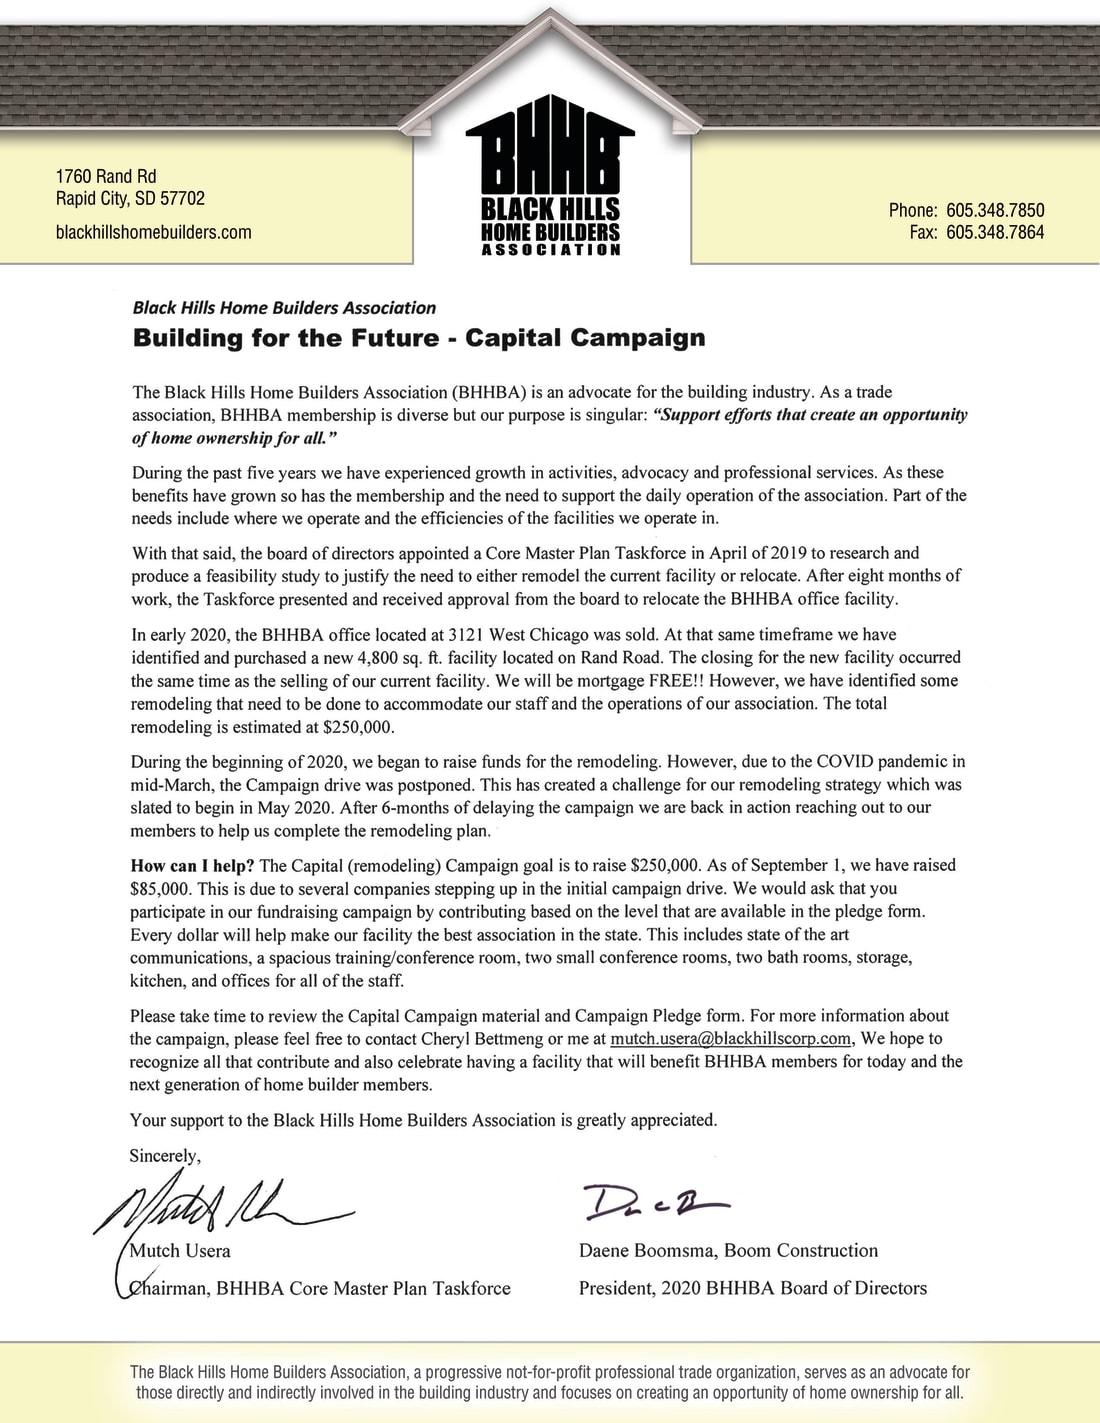 BHHBA Capital Campaign Letter